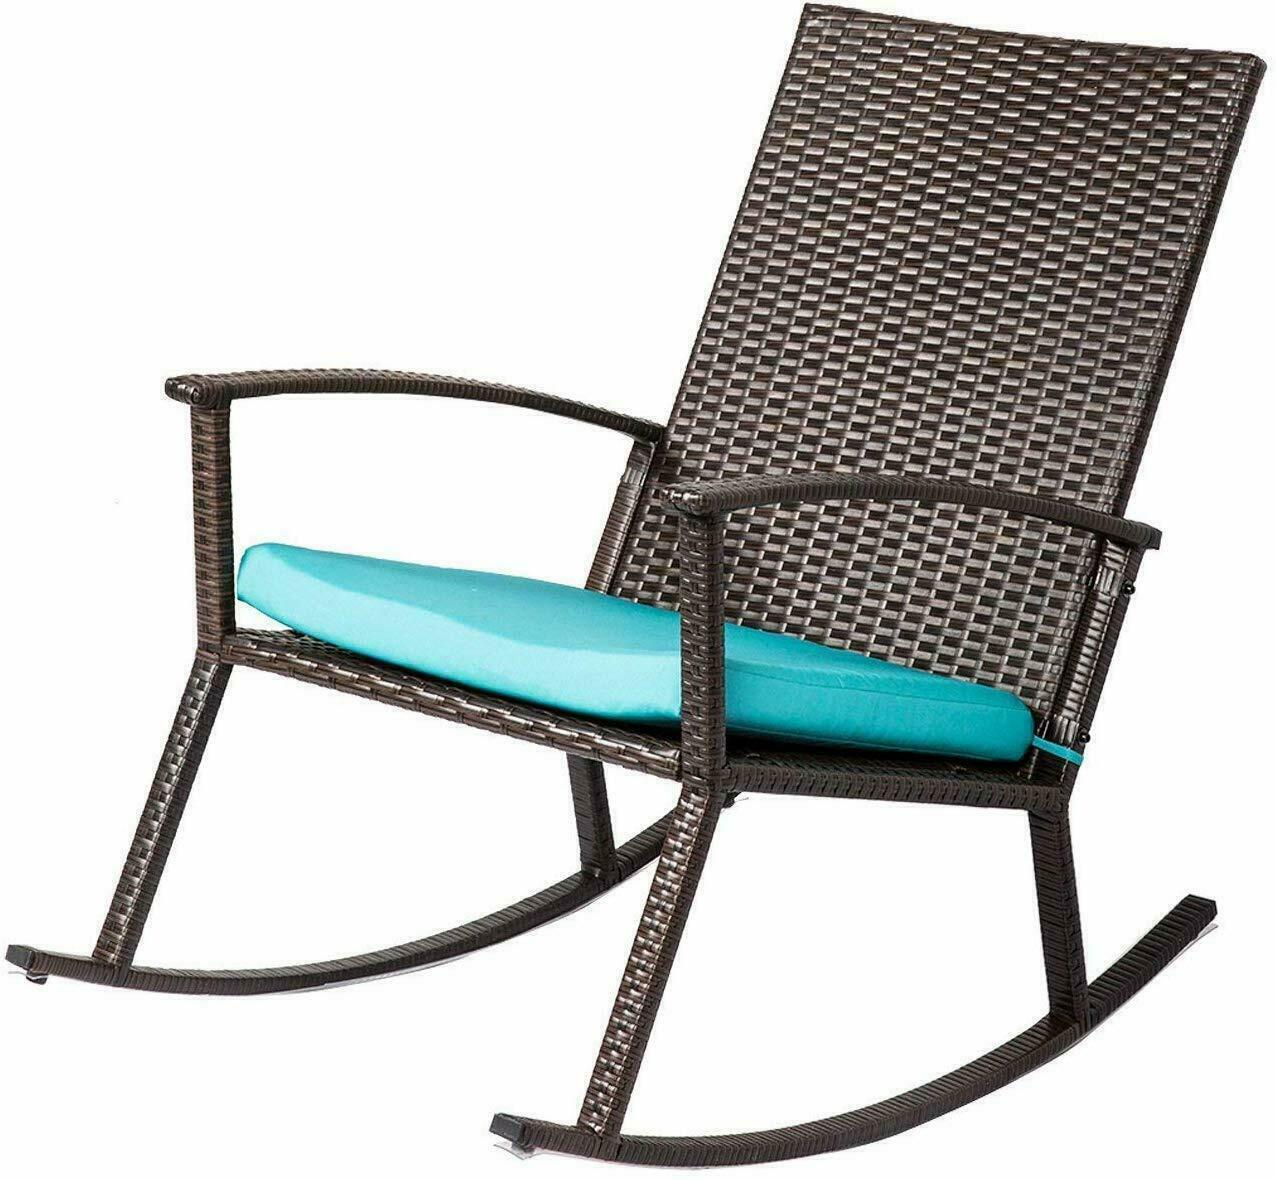 Patio Rattan Rocking Chair Rocker Armchair W/ Cushion Outdoo